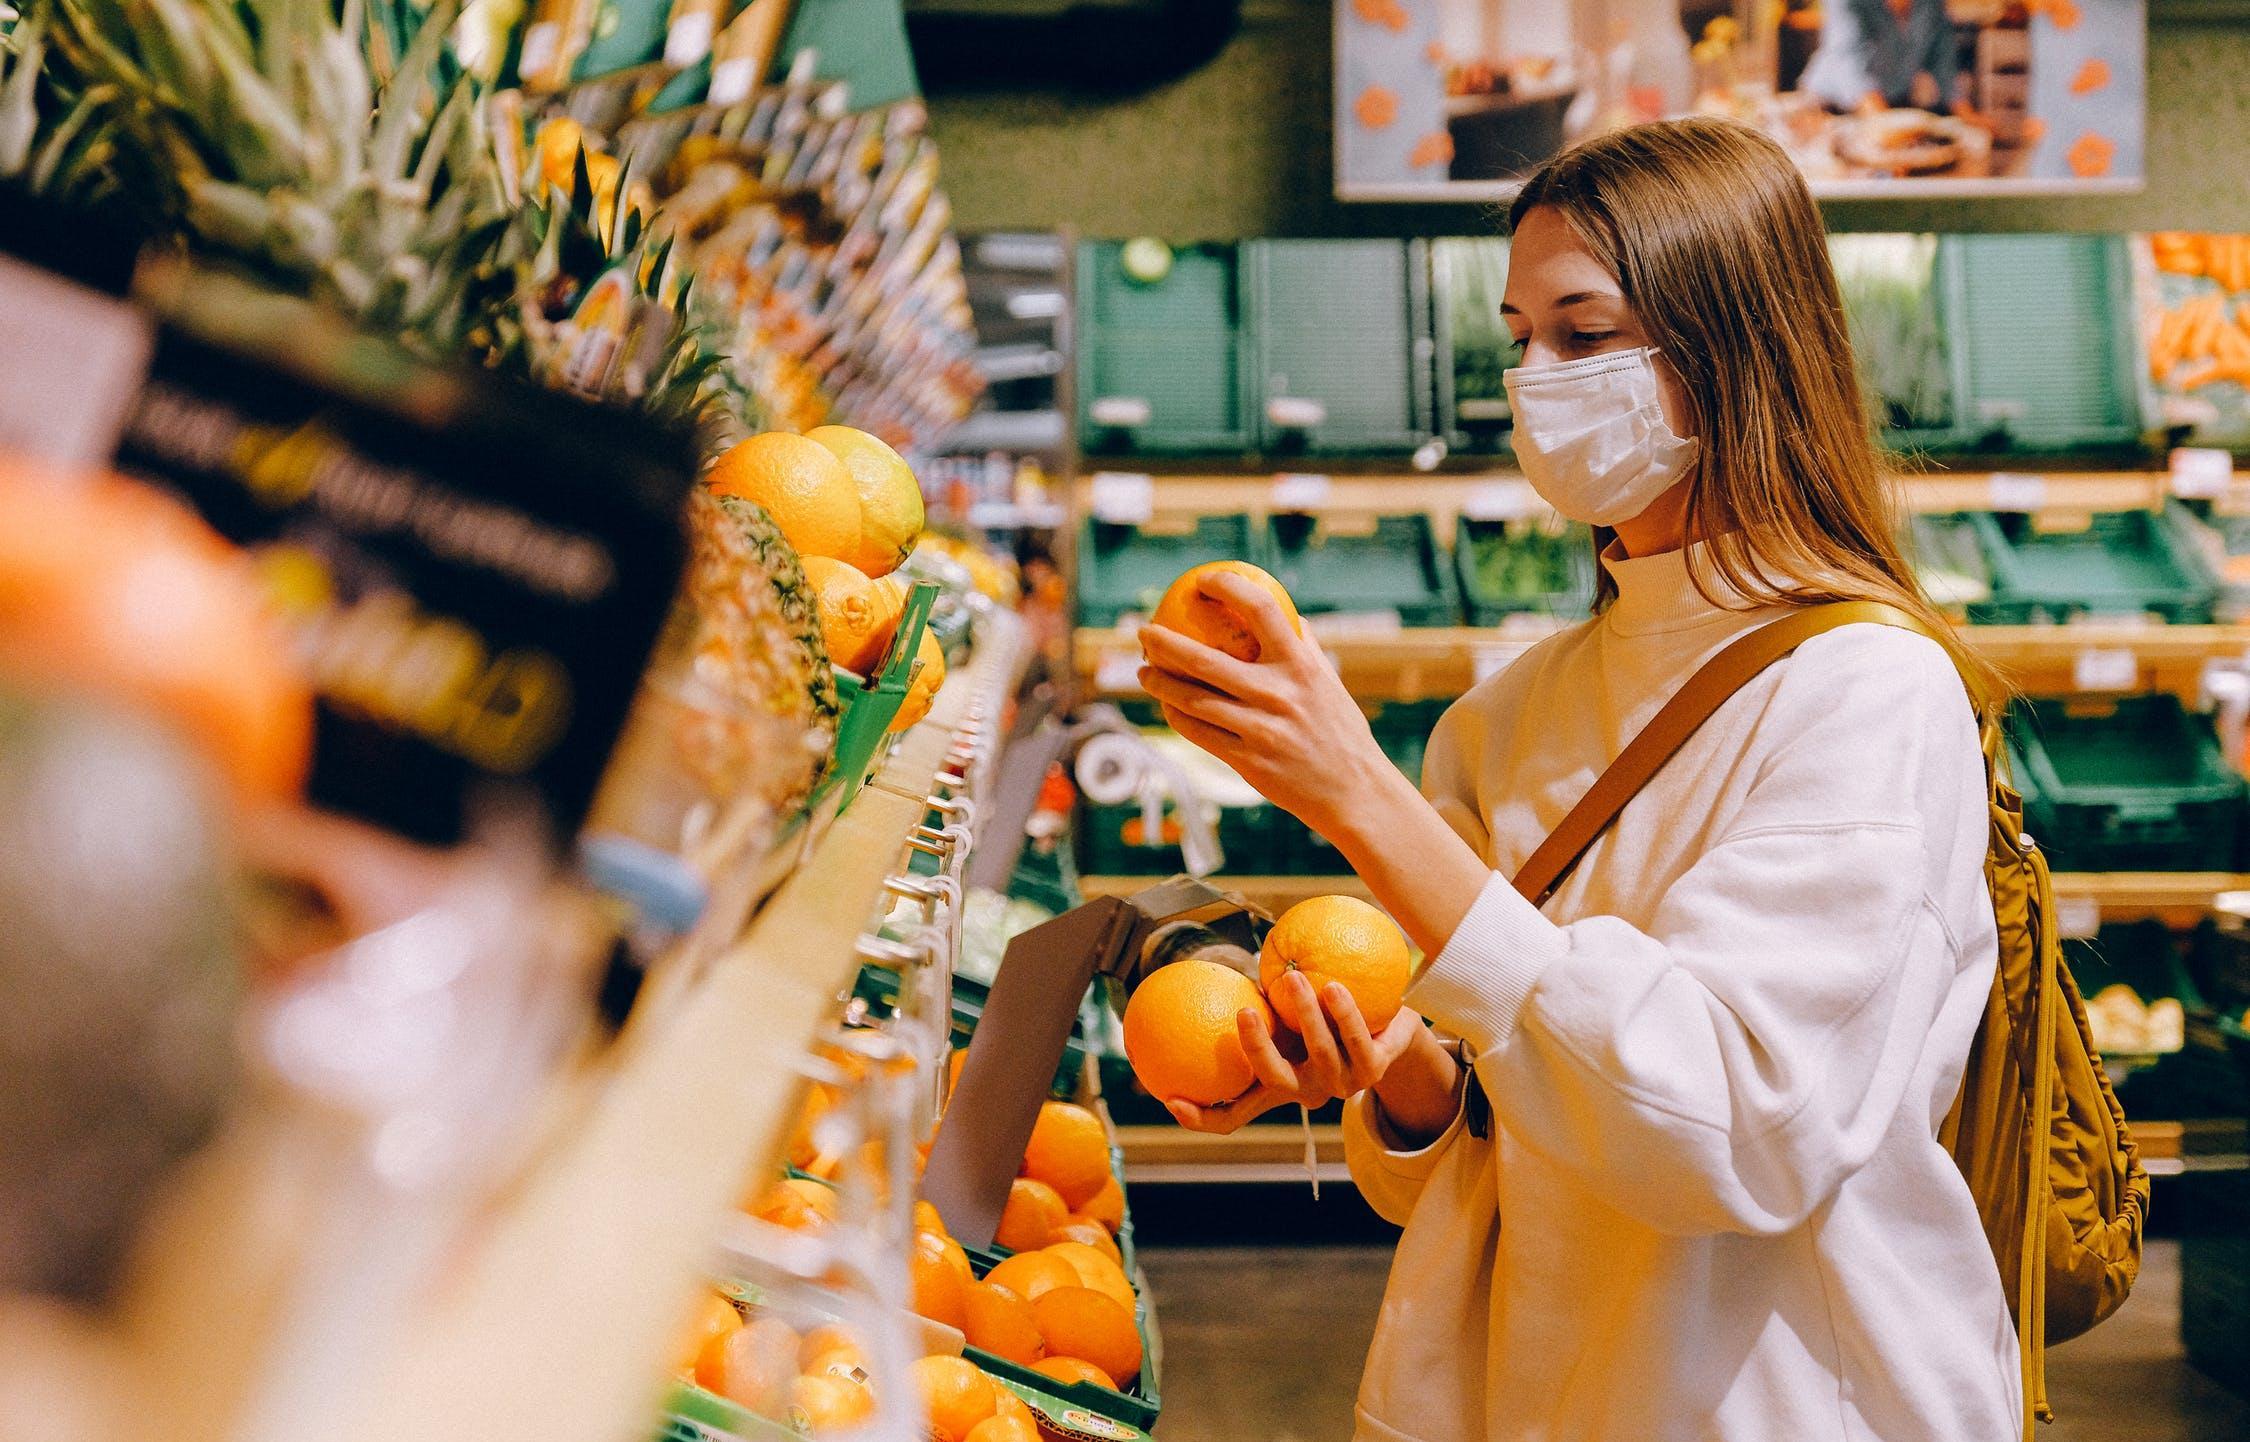 Цены на сахар, масло и рыбу подстегнули инфляцию в Тверской области - новости Афанасий